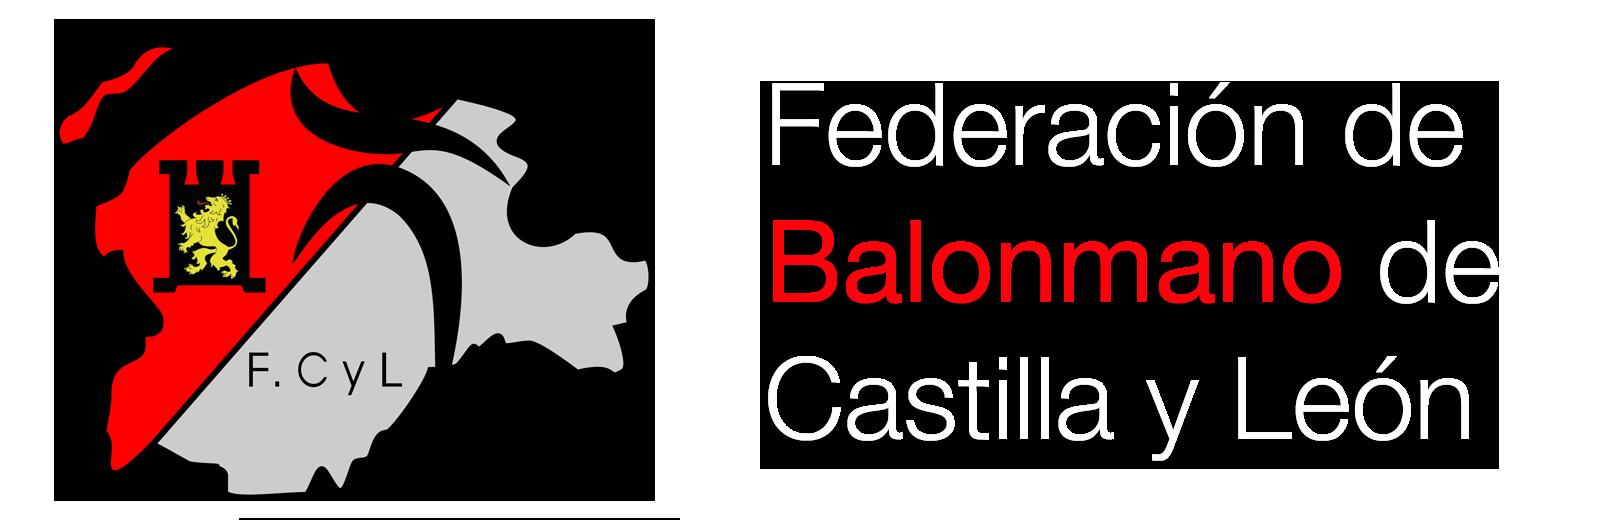 Delegación de Soria de la Federación Territorial de Balonmano de Castilla y León